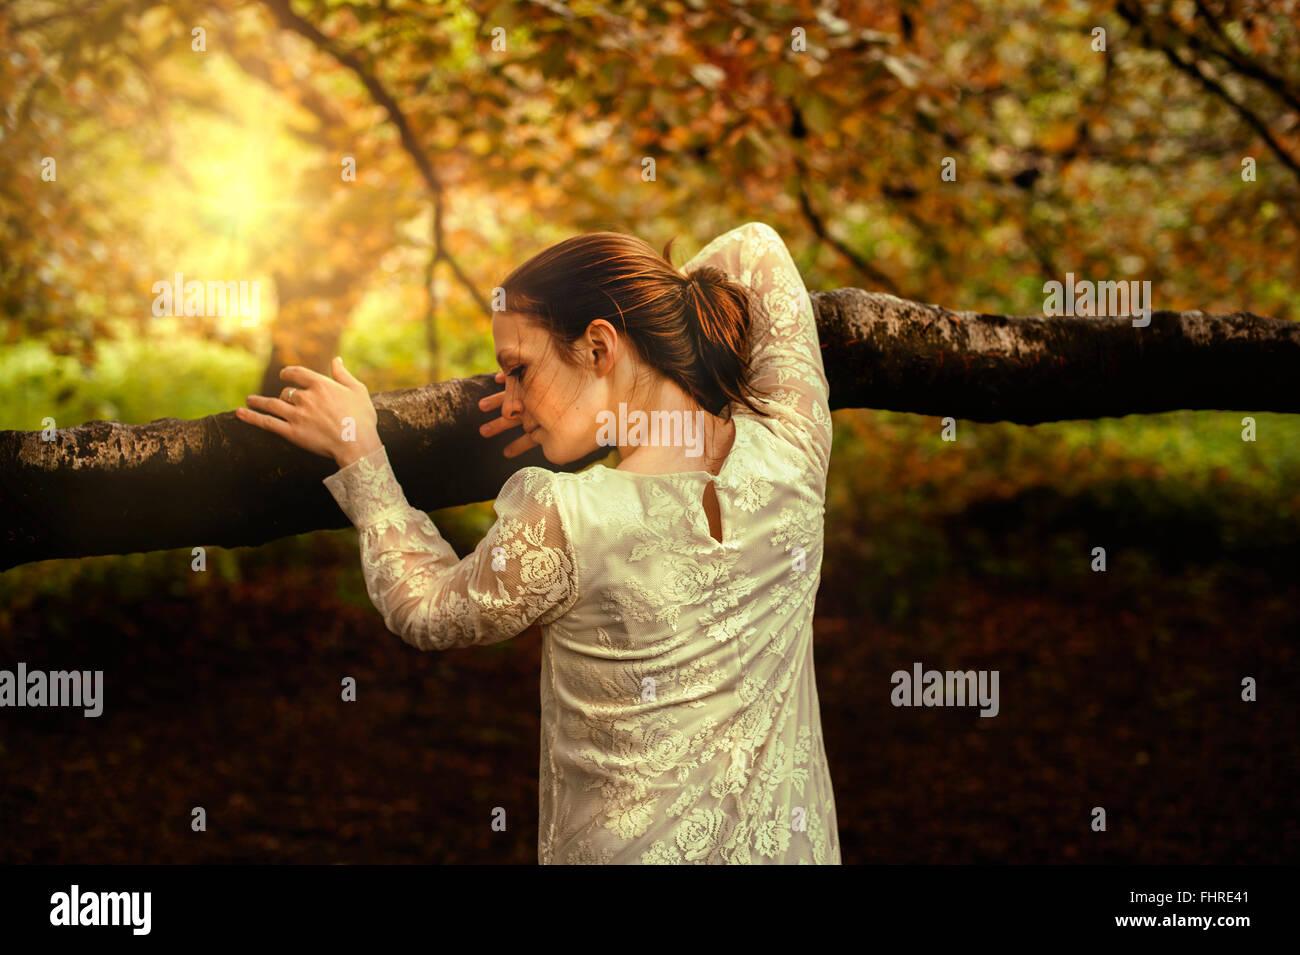 Mujer joven en estacionamiento apoyándose en la rama de árbol Foto de stock